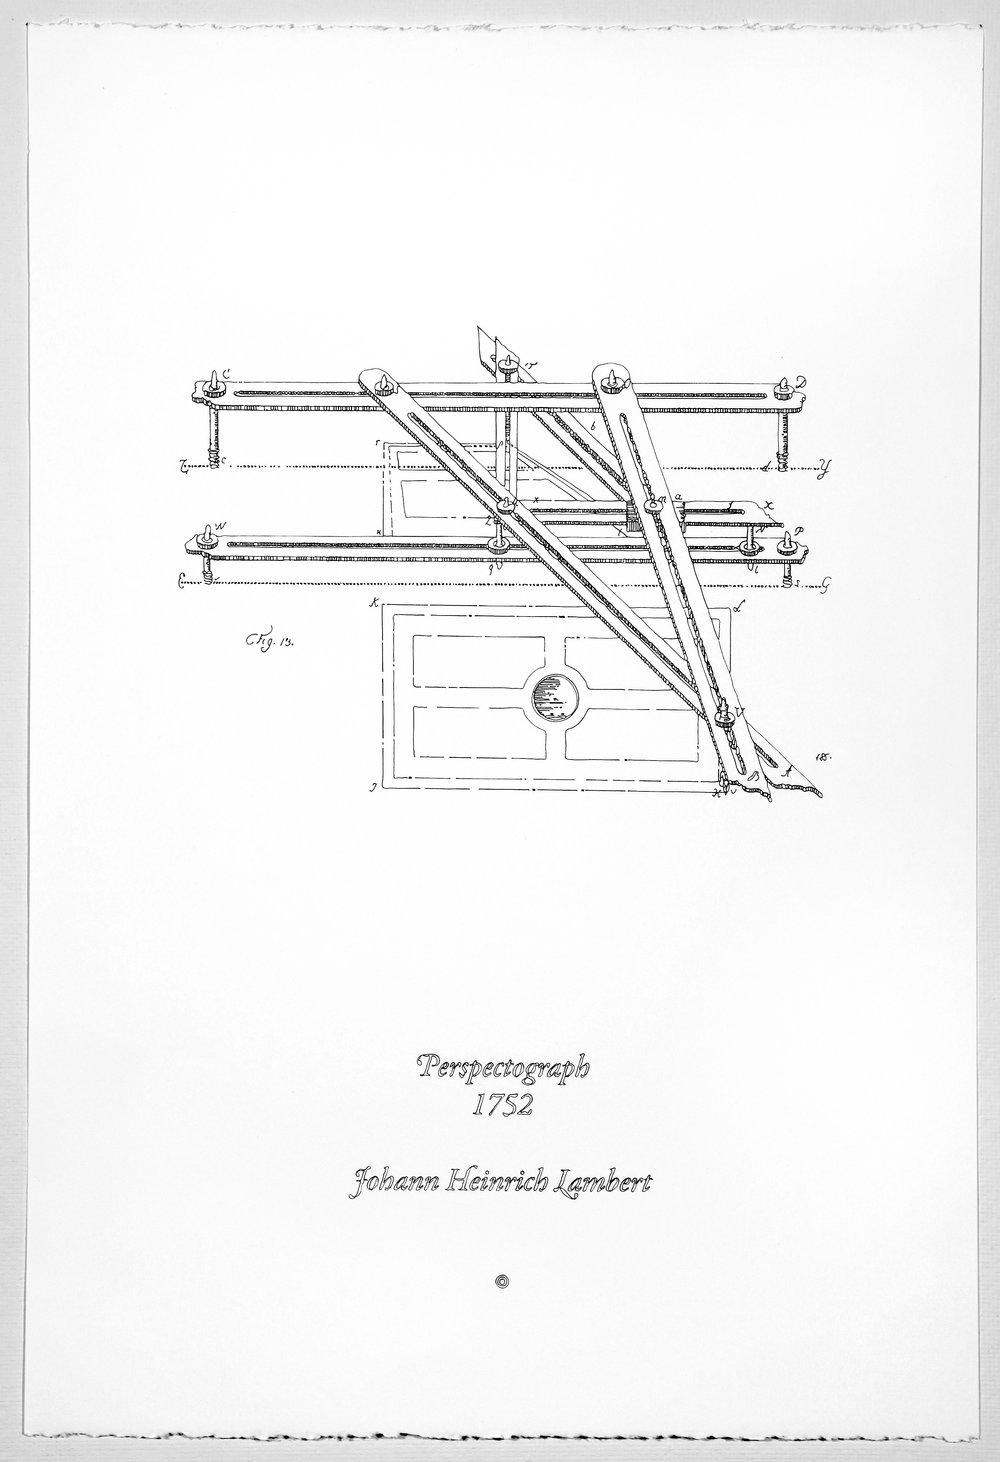 Perspectograph, 1752, Johann Heinrich Lambert